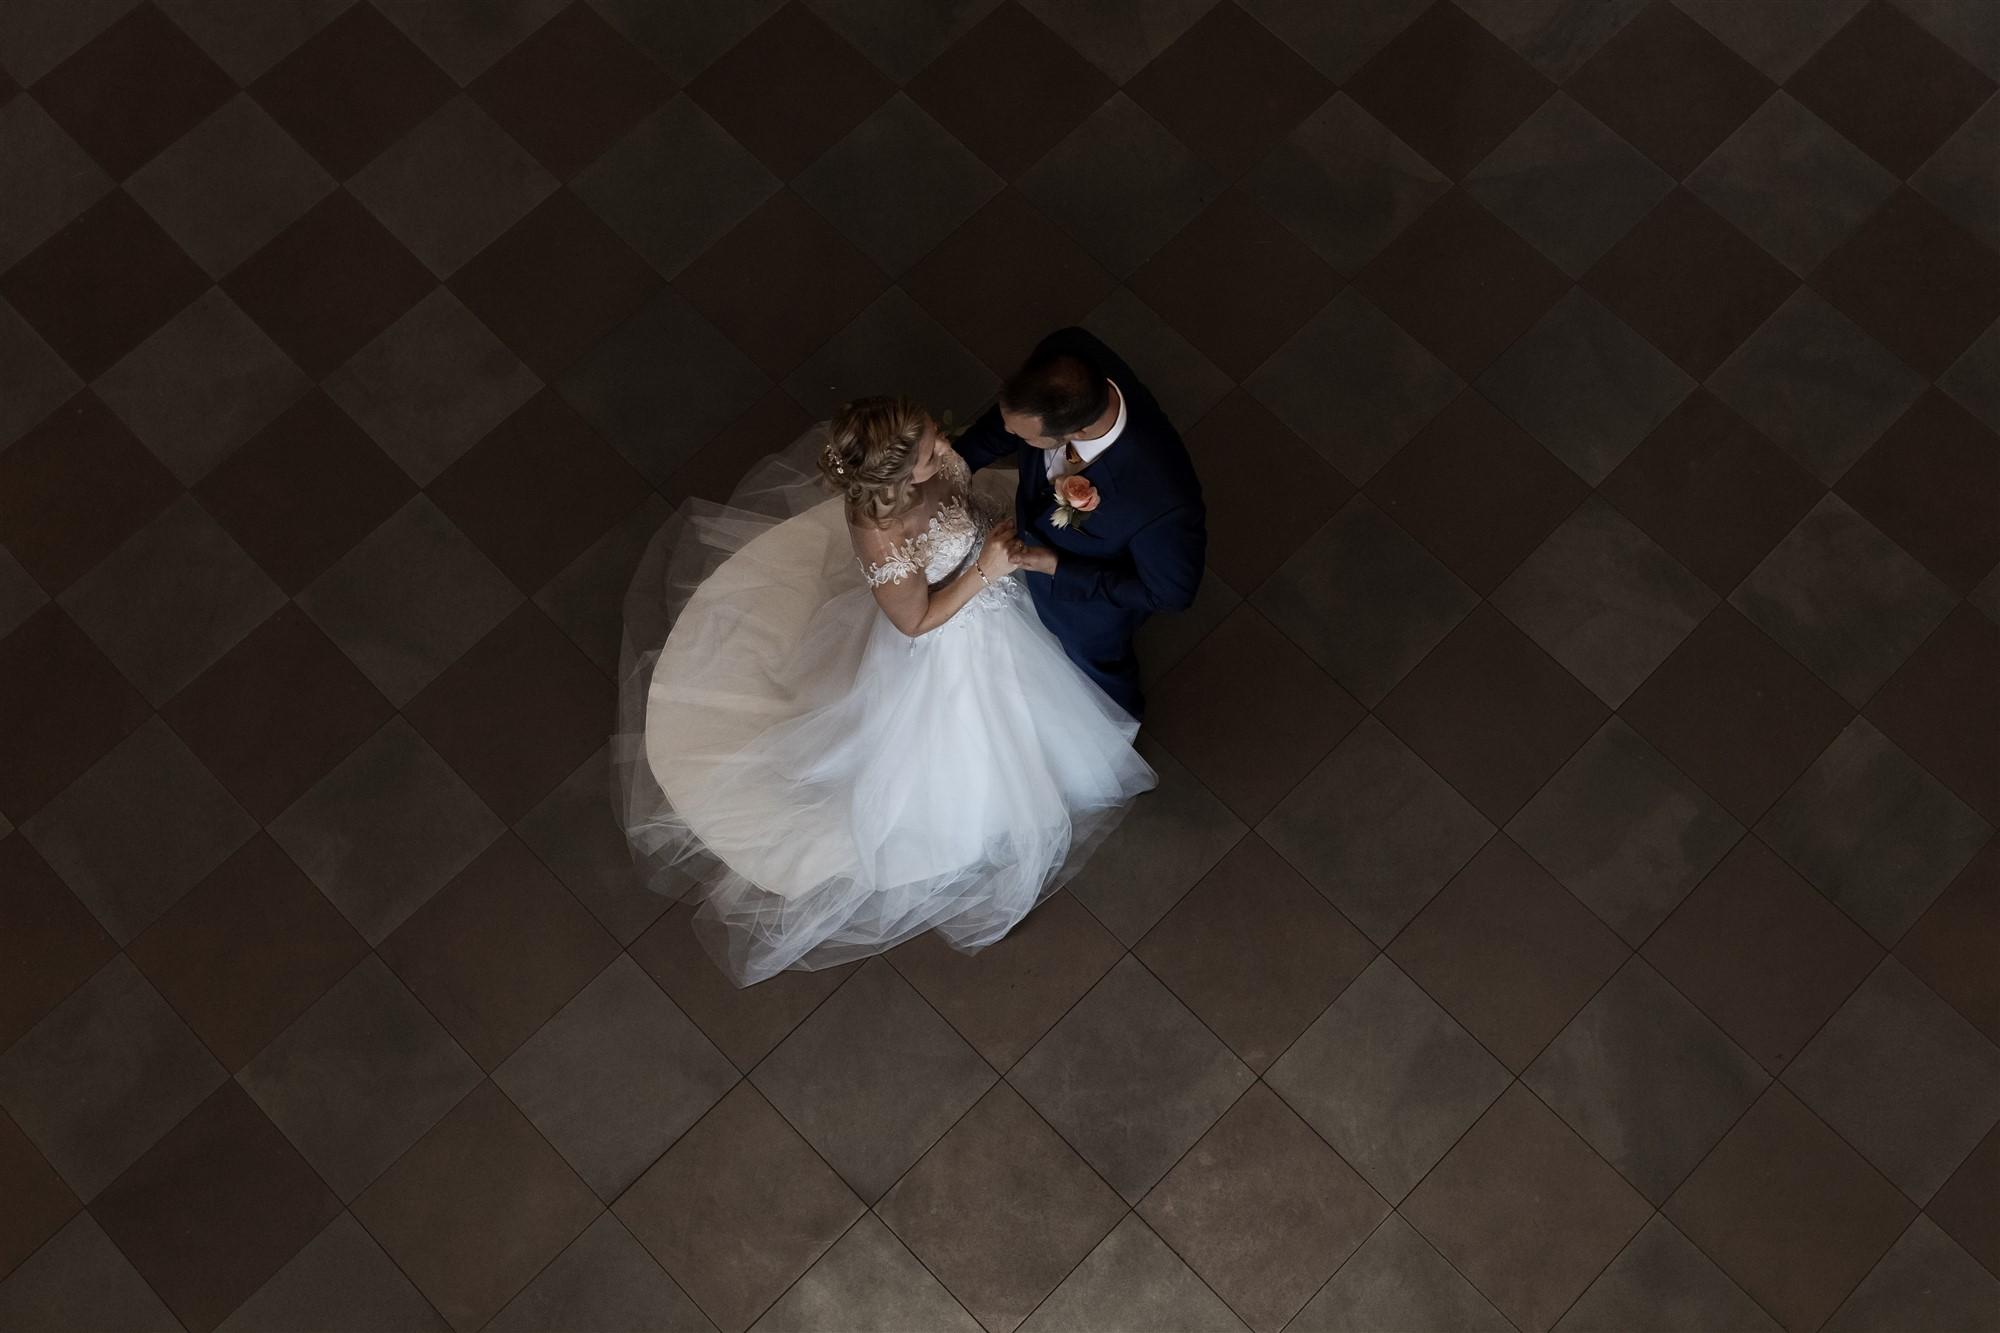 Hochzeit im Grand Hotel Les Trois Rois - Brautpaar Fotoshooting